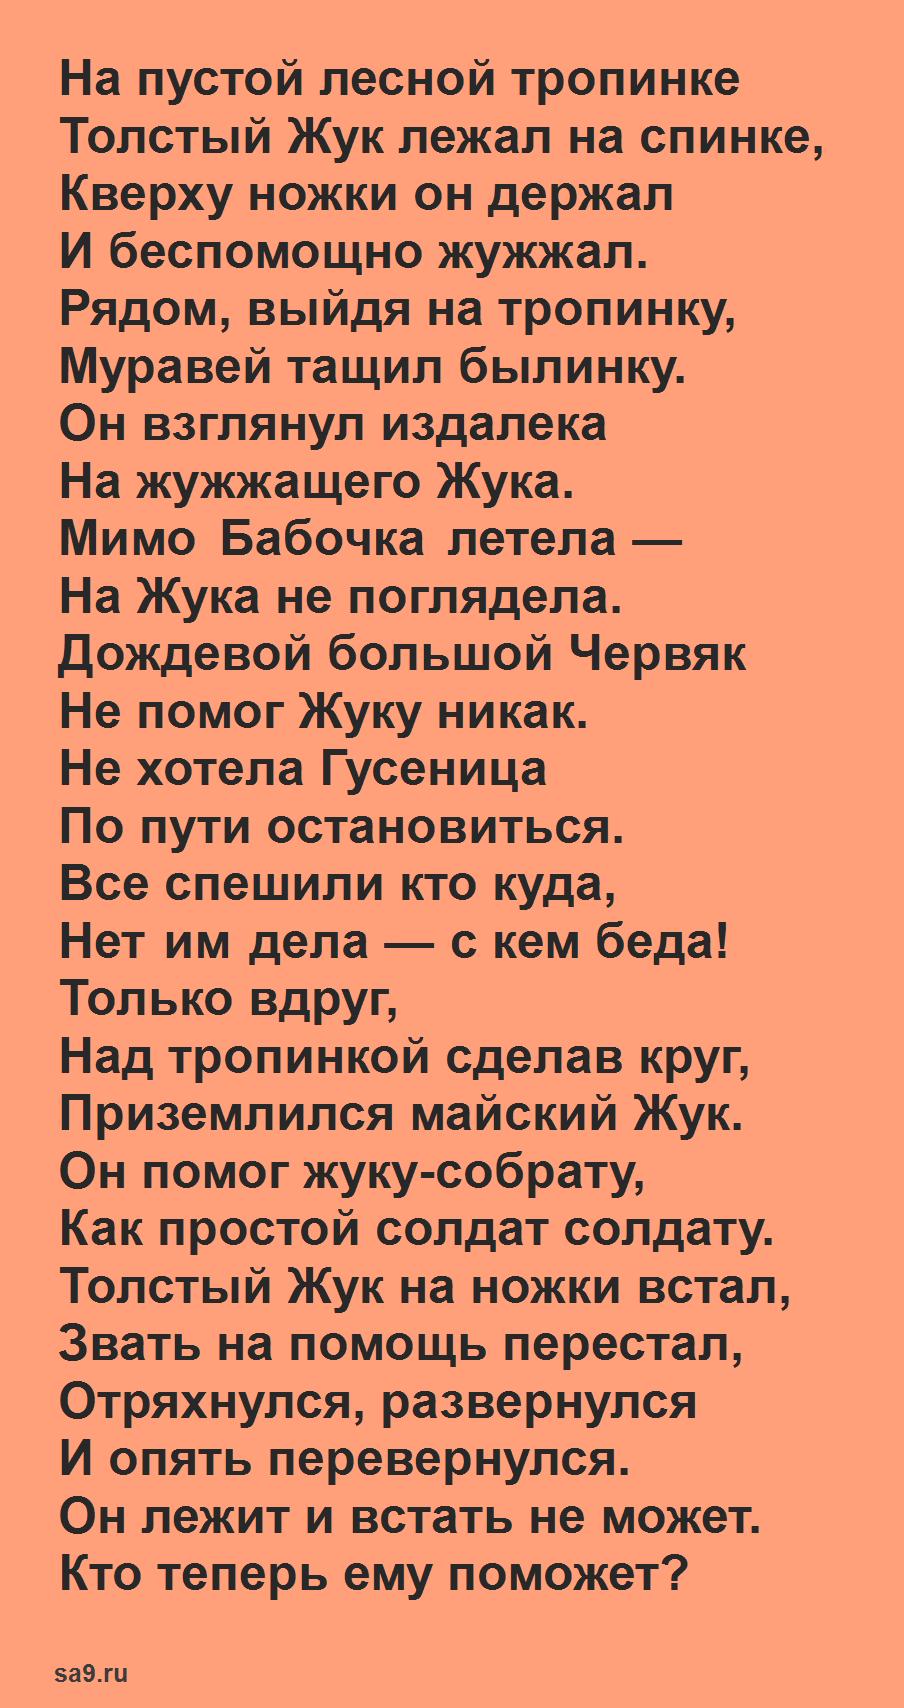 Михалков стихи 1 класс - Толстый жук